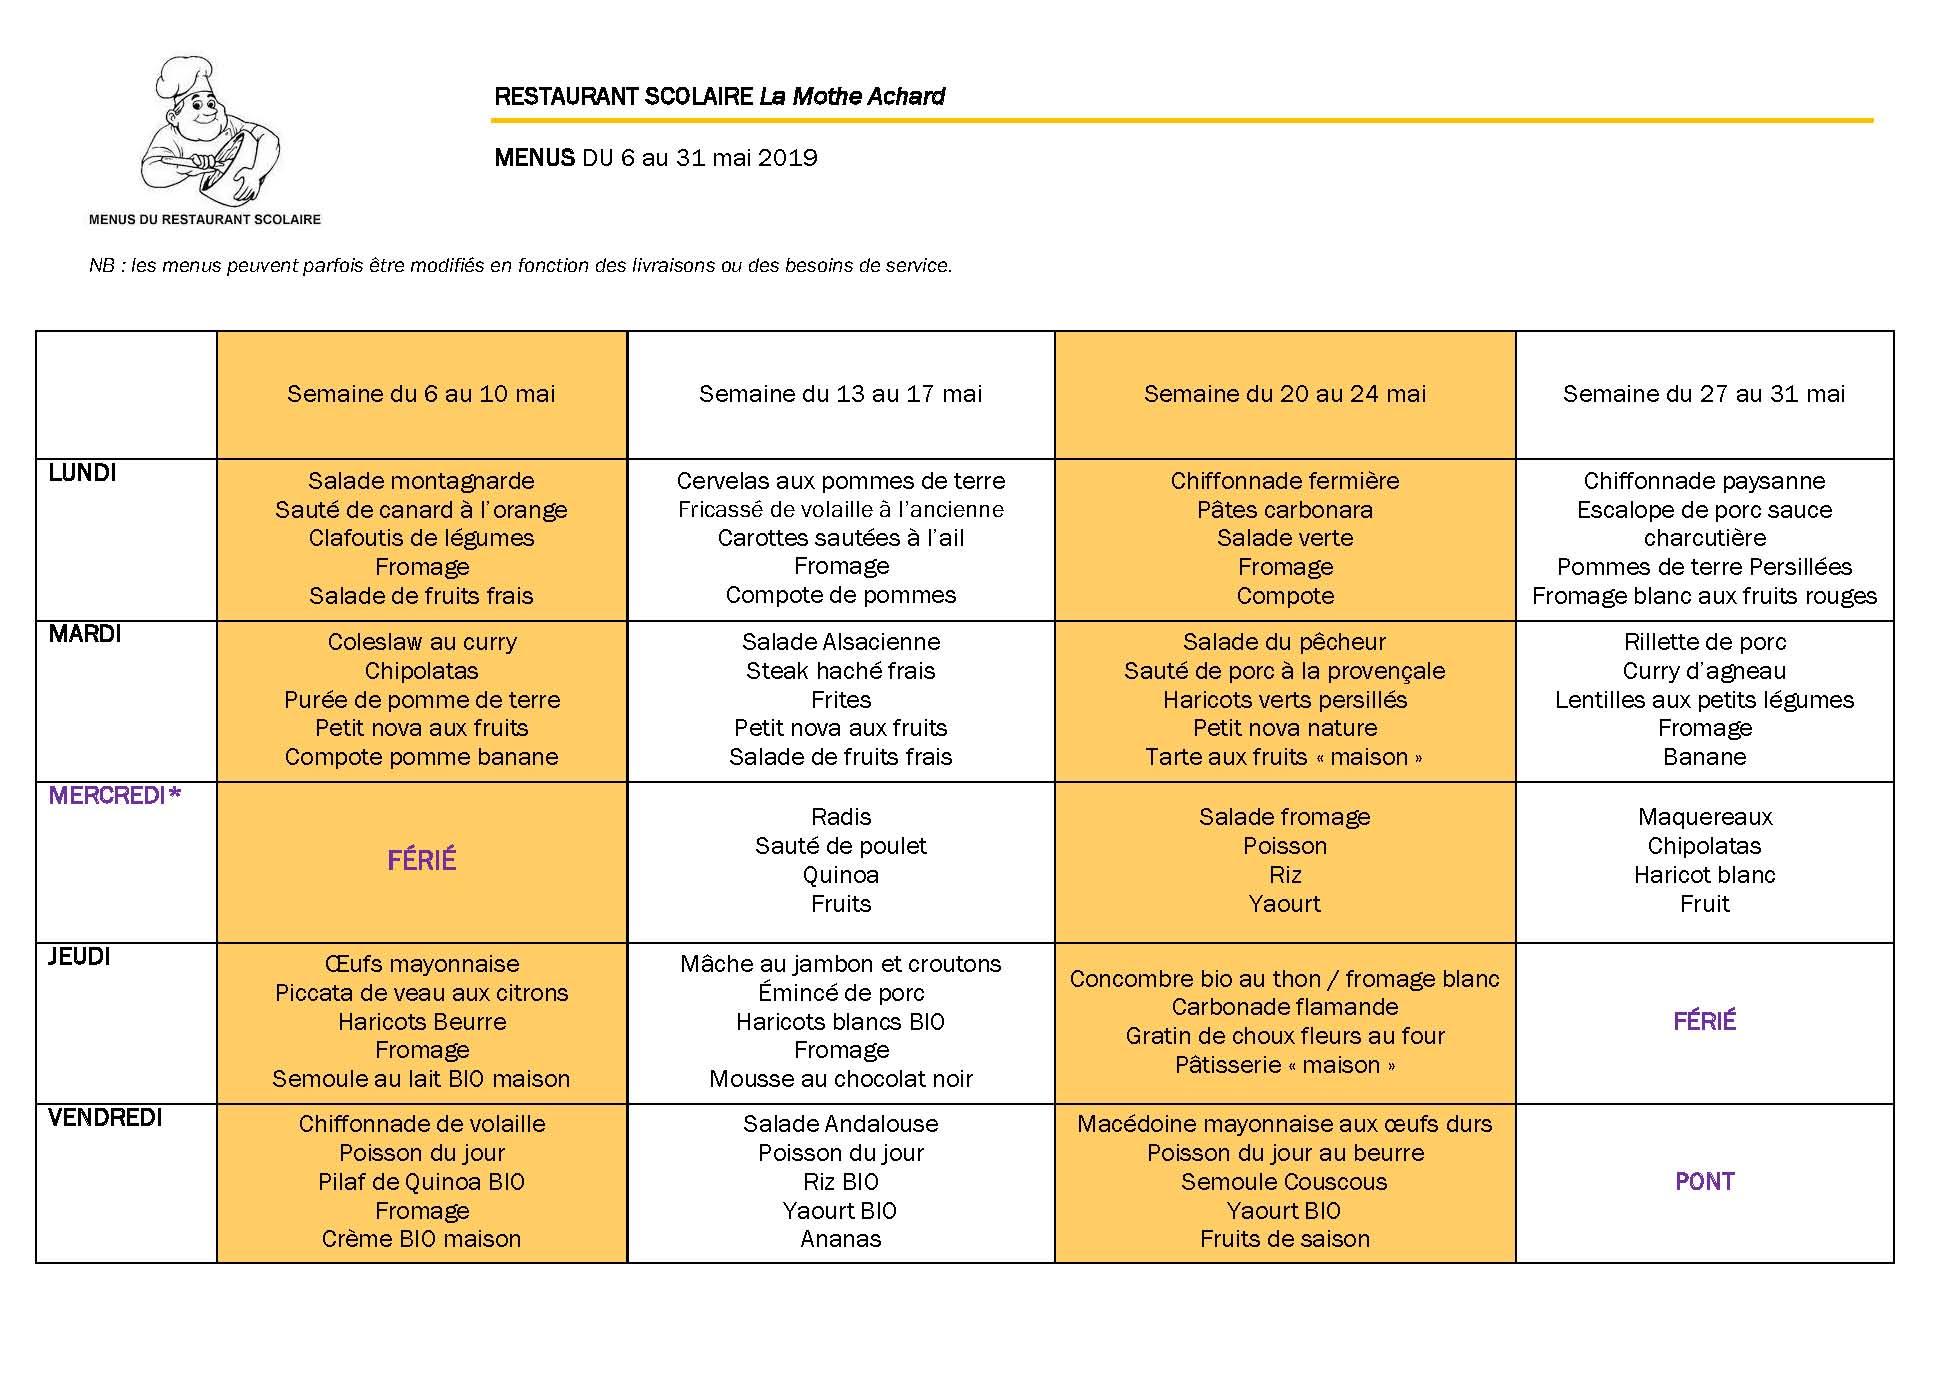 menus-restaurant-scolaire-LMA-Mai-2019